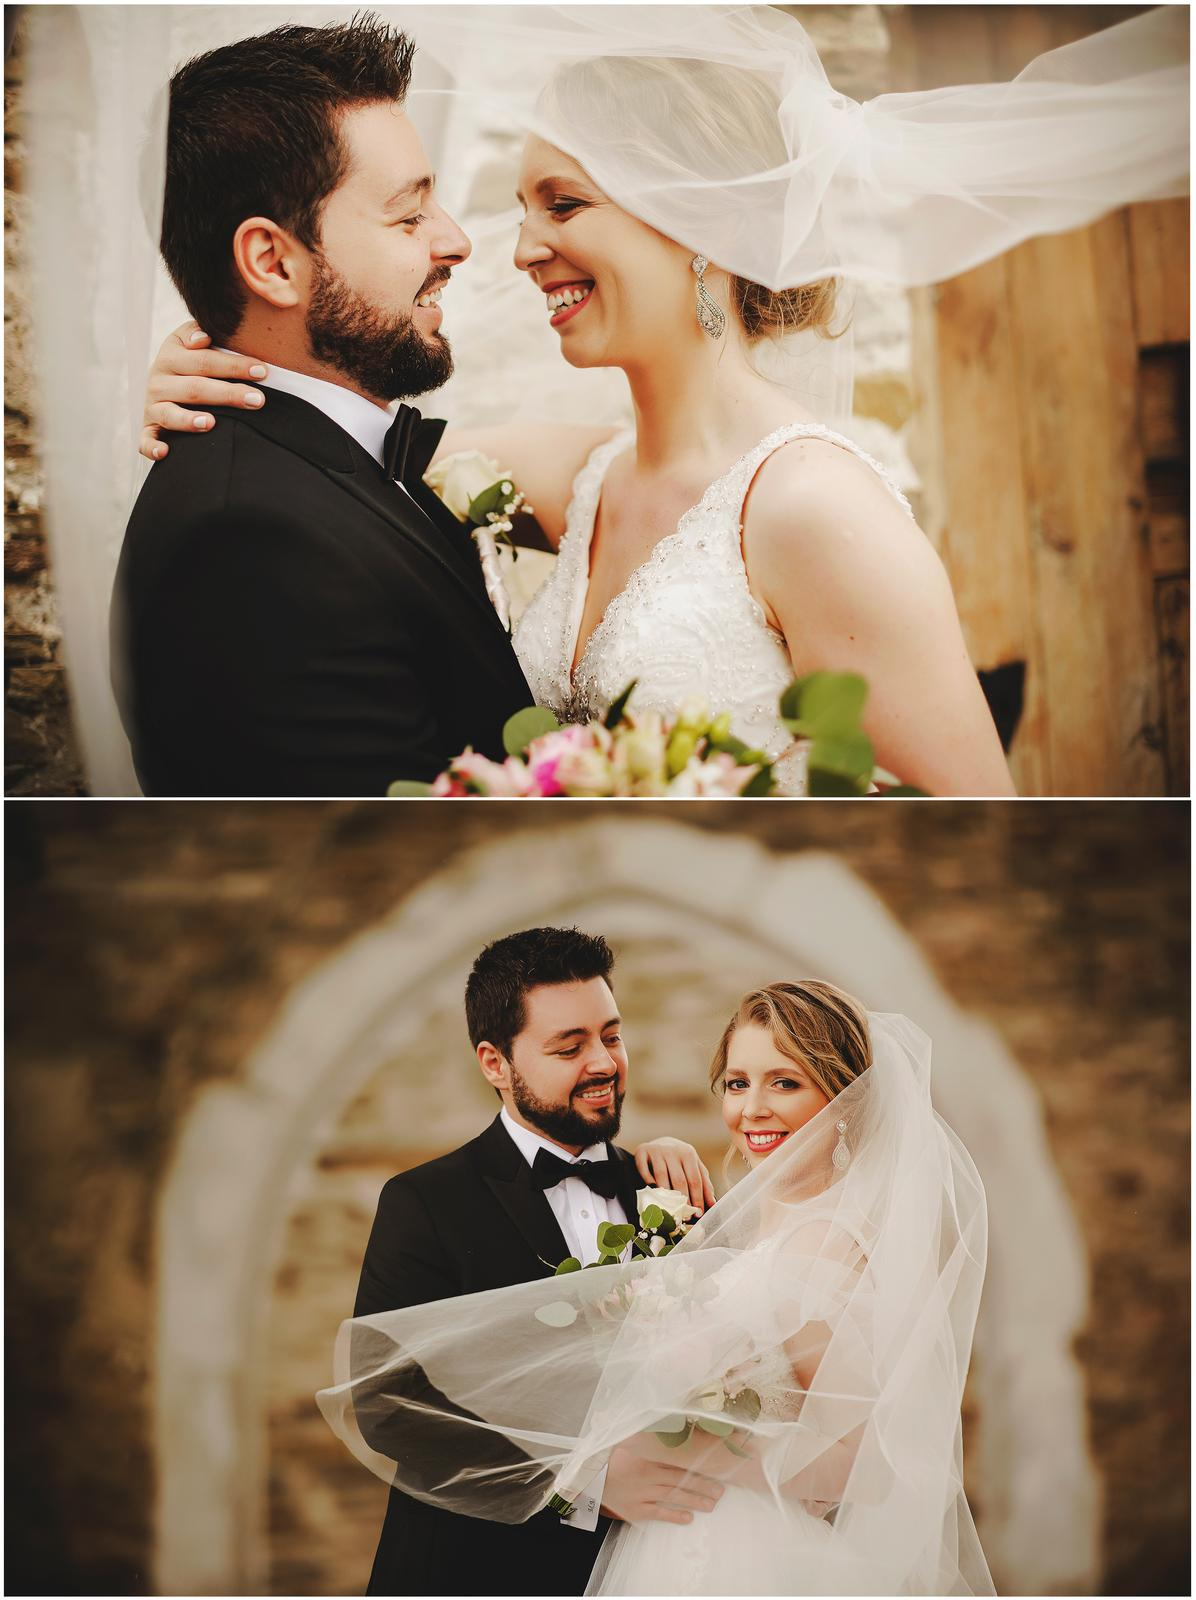 dobrý deň termín svadby... - Obrázok č. 2